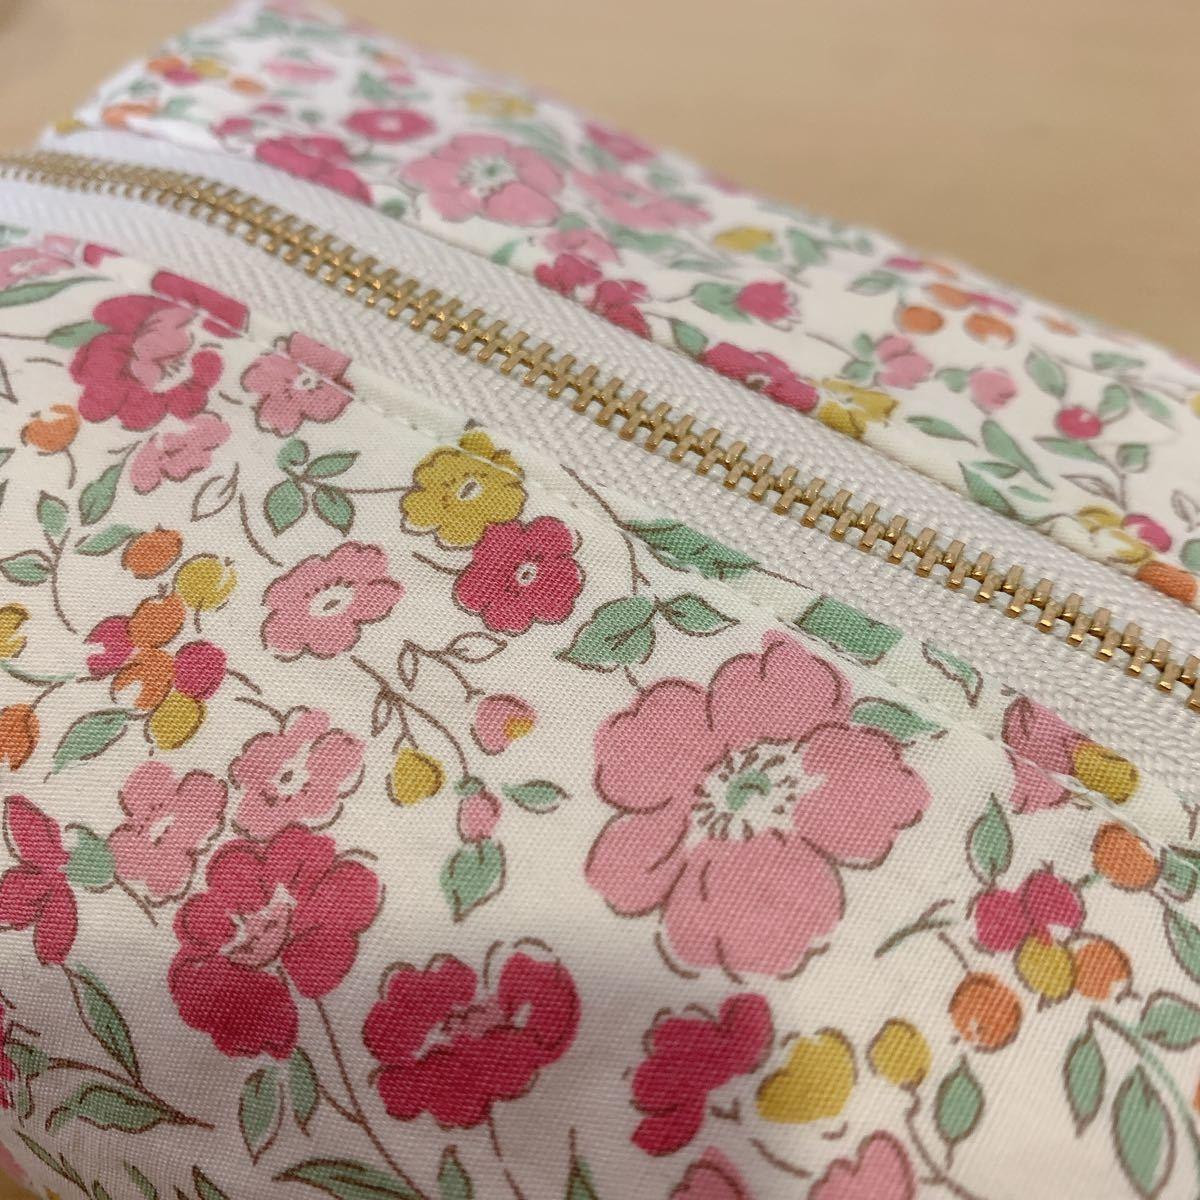 ハンドメイド 化粧ポーチ レディース ファッション 小物 可愛い 雑貨 花柄 小